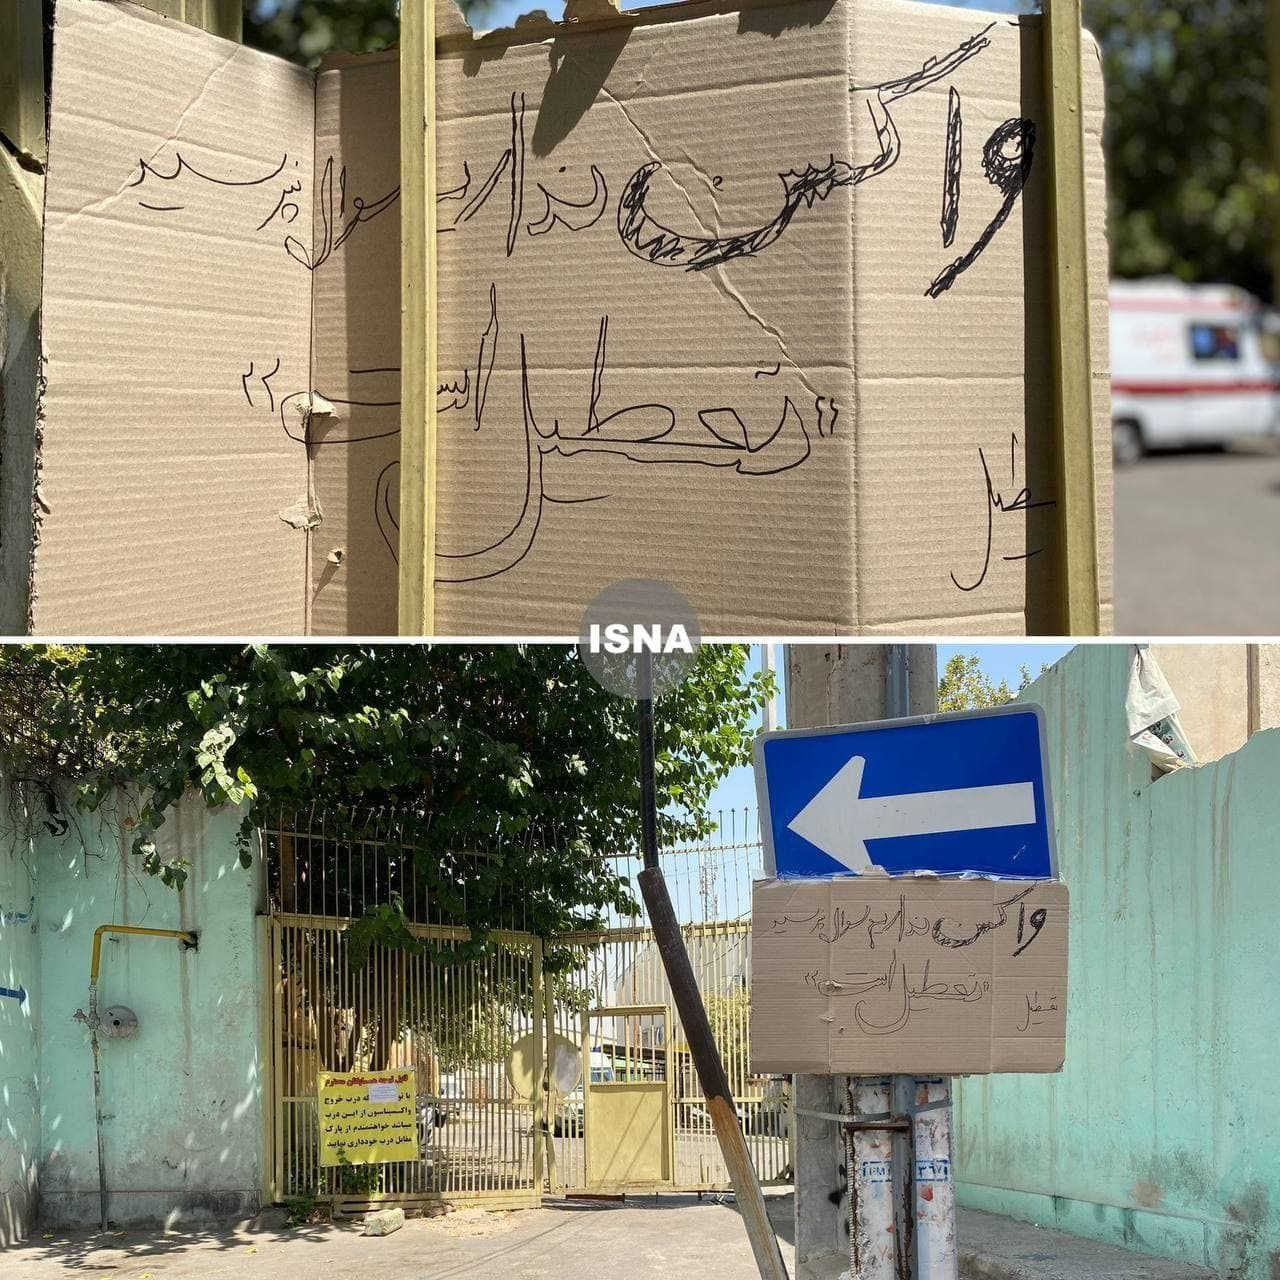 واکسن نداریم! / تعطیلی یکی از مراکز اصلی واکسیناسیون اورژانس در شرق تهران